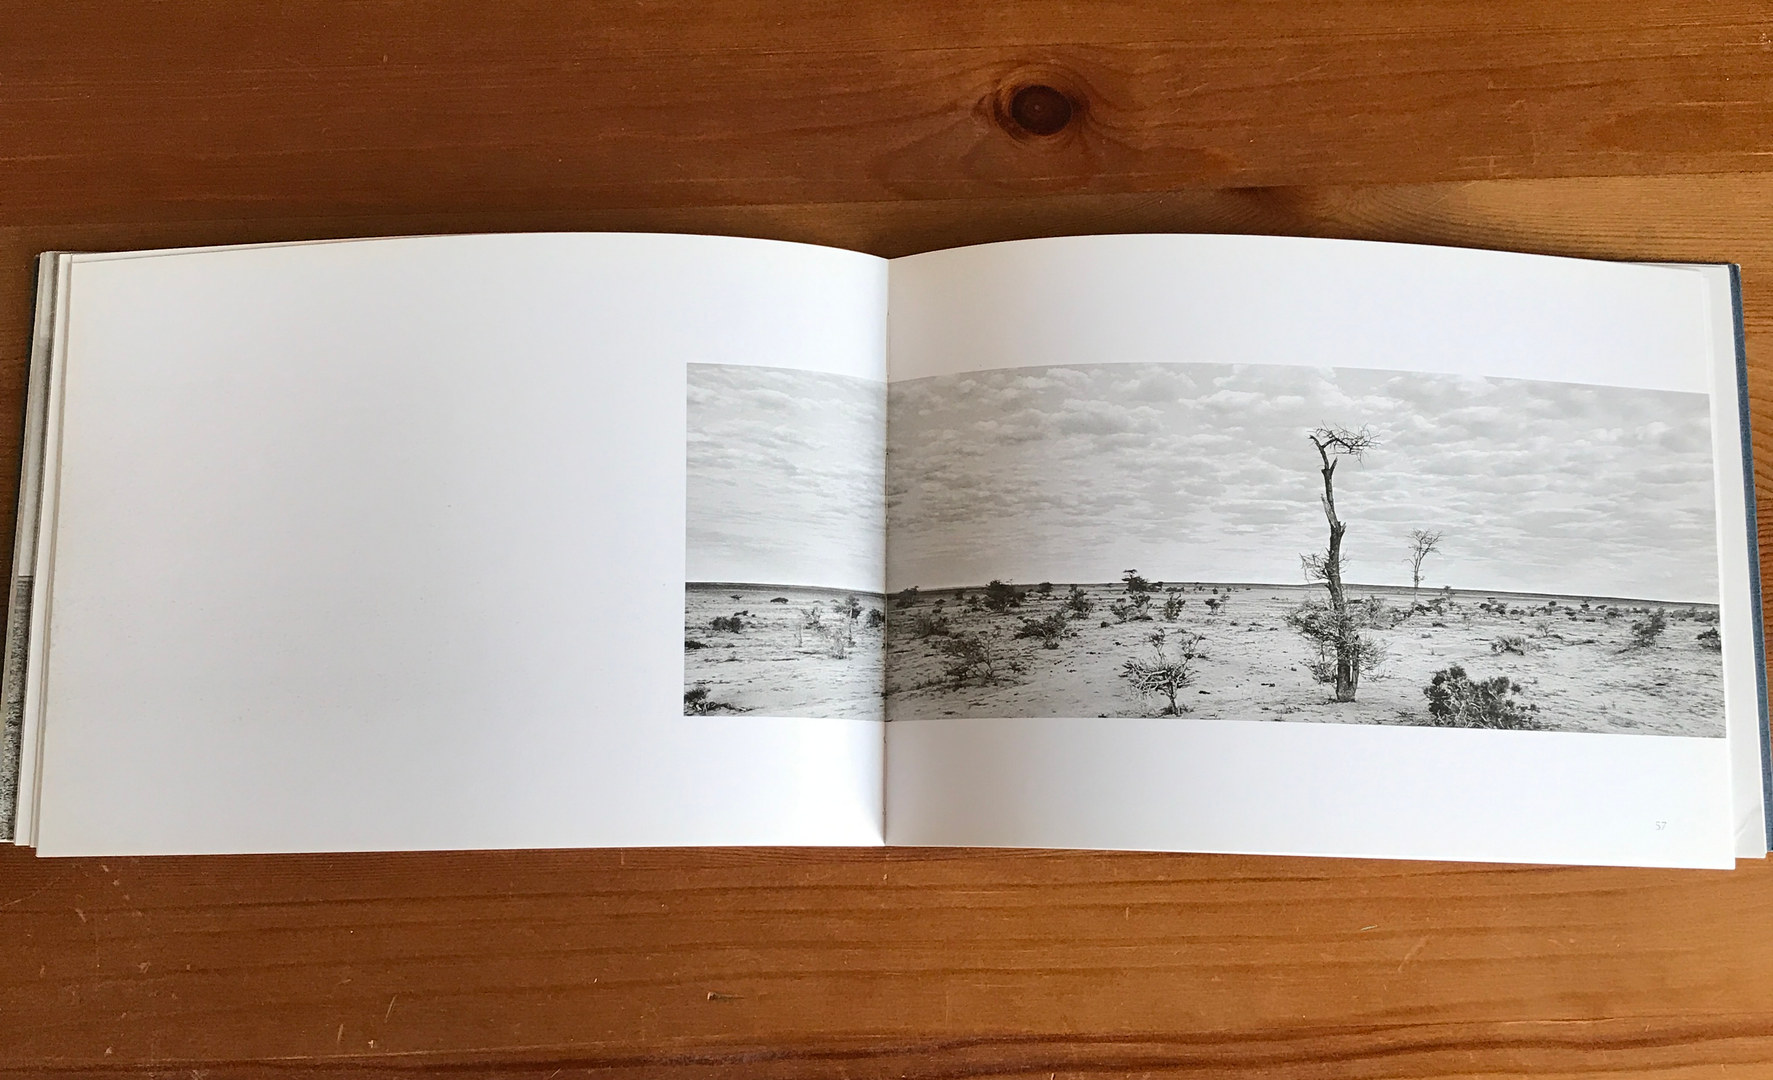 fotografia desierto